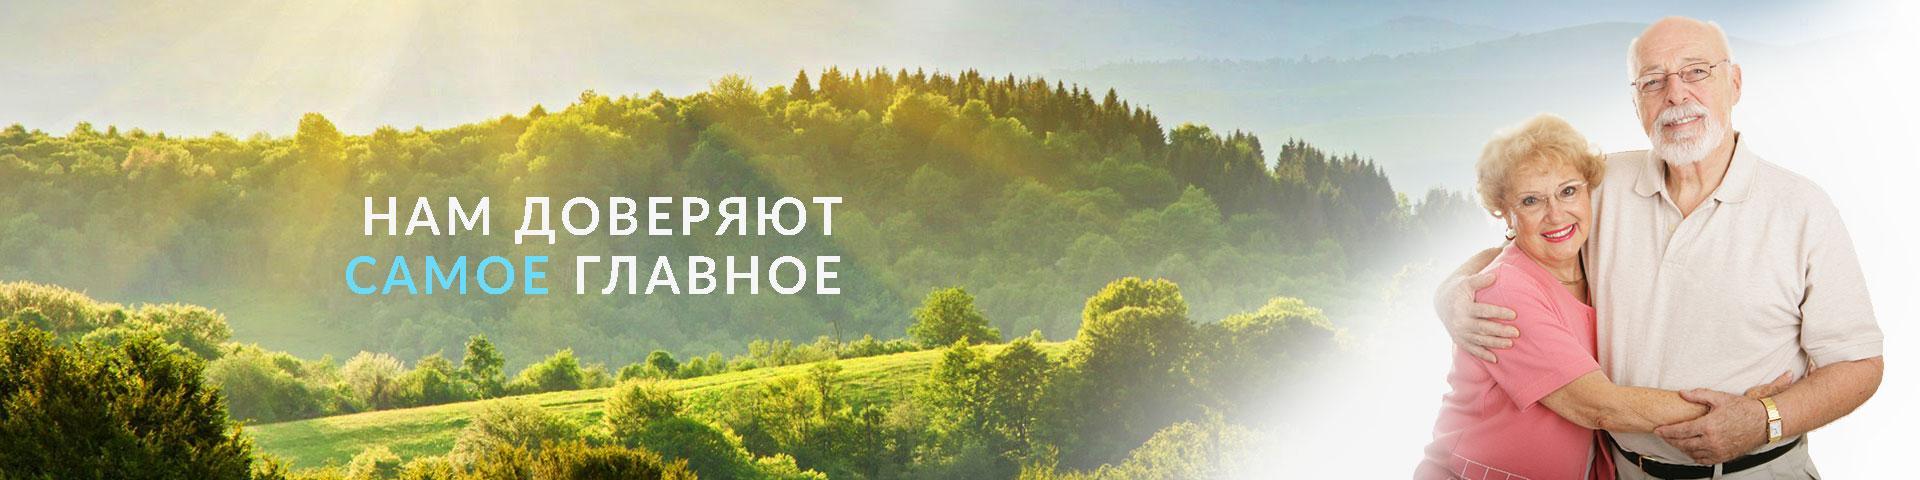 Пансионат для пожилых и престарелых в Москве